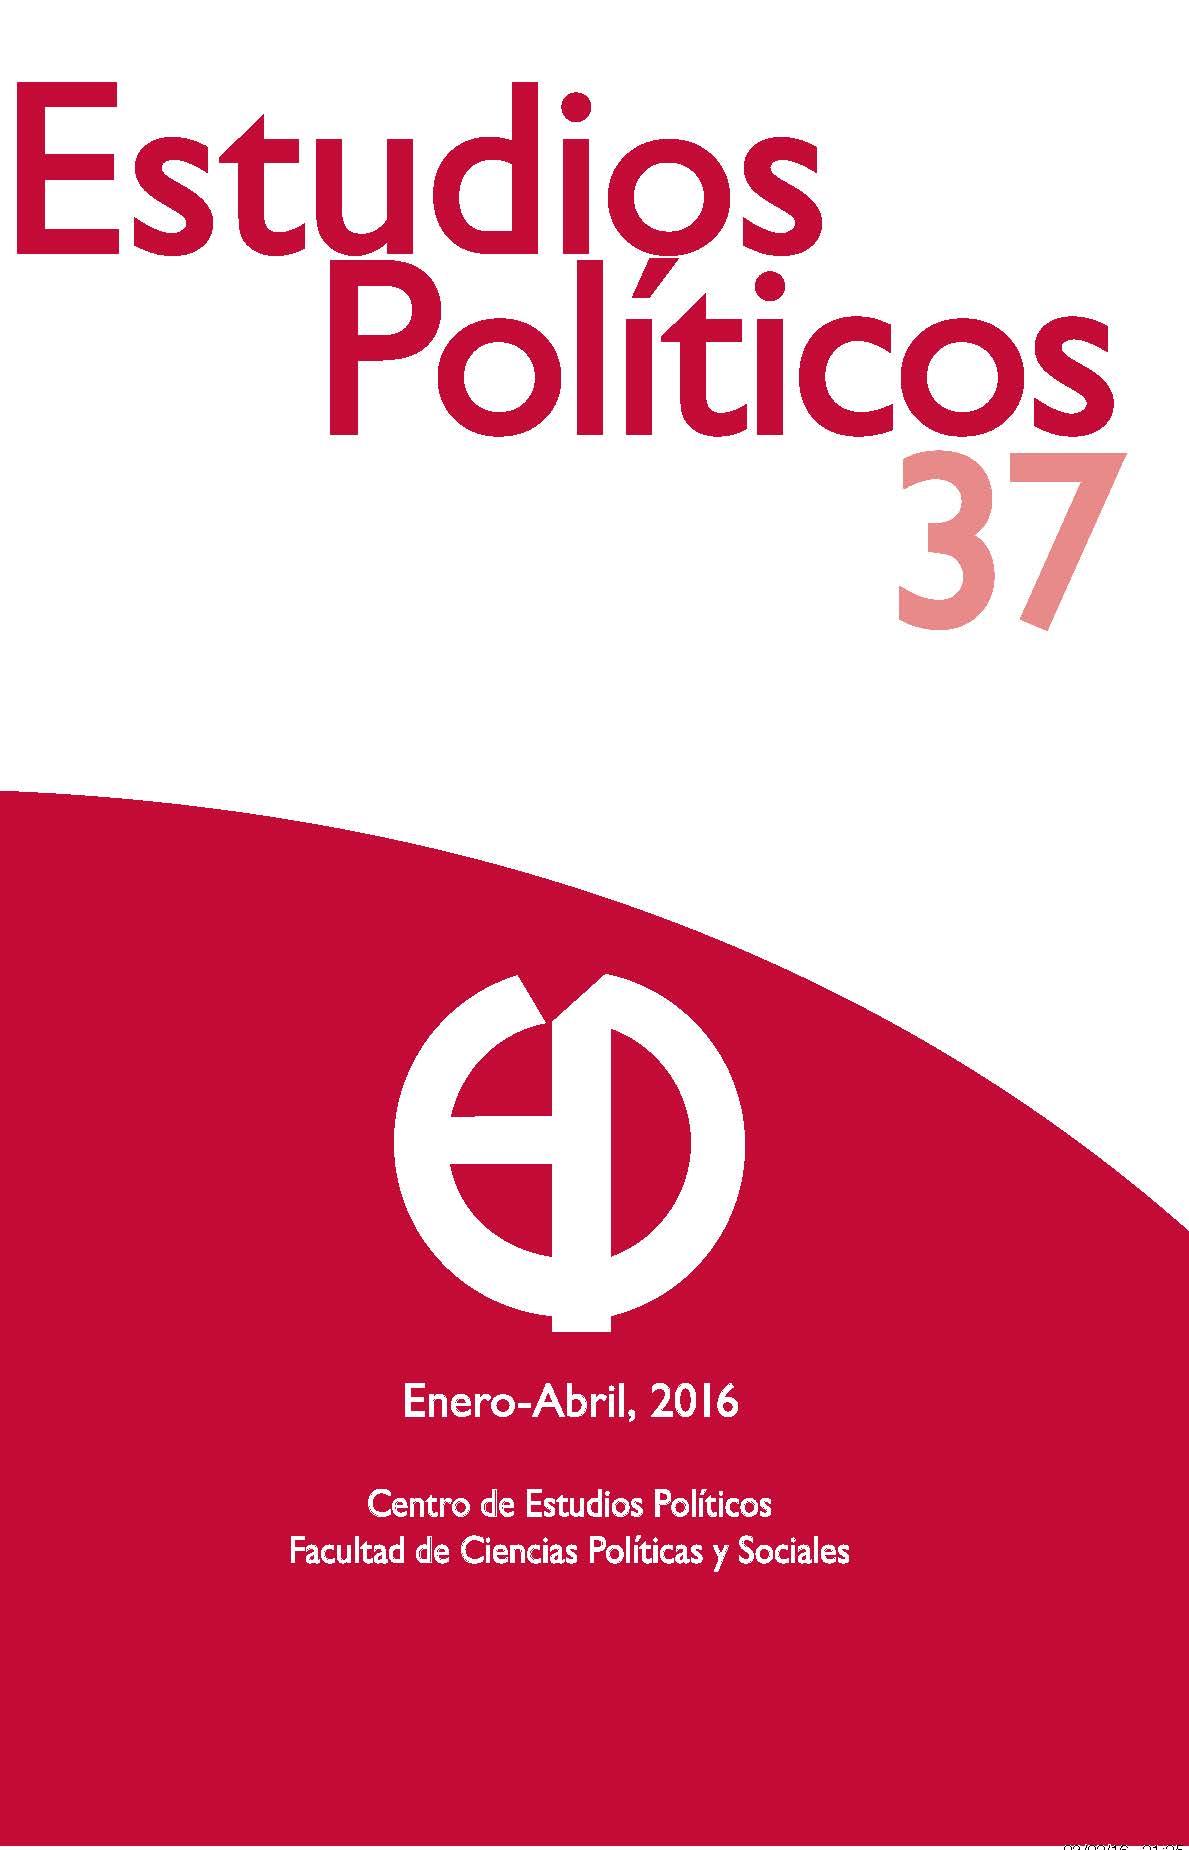 Revista Estudios Políticos , núm. 37, Novena Época, Enero - Abril 2016